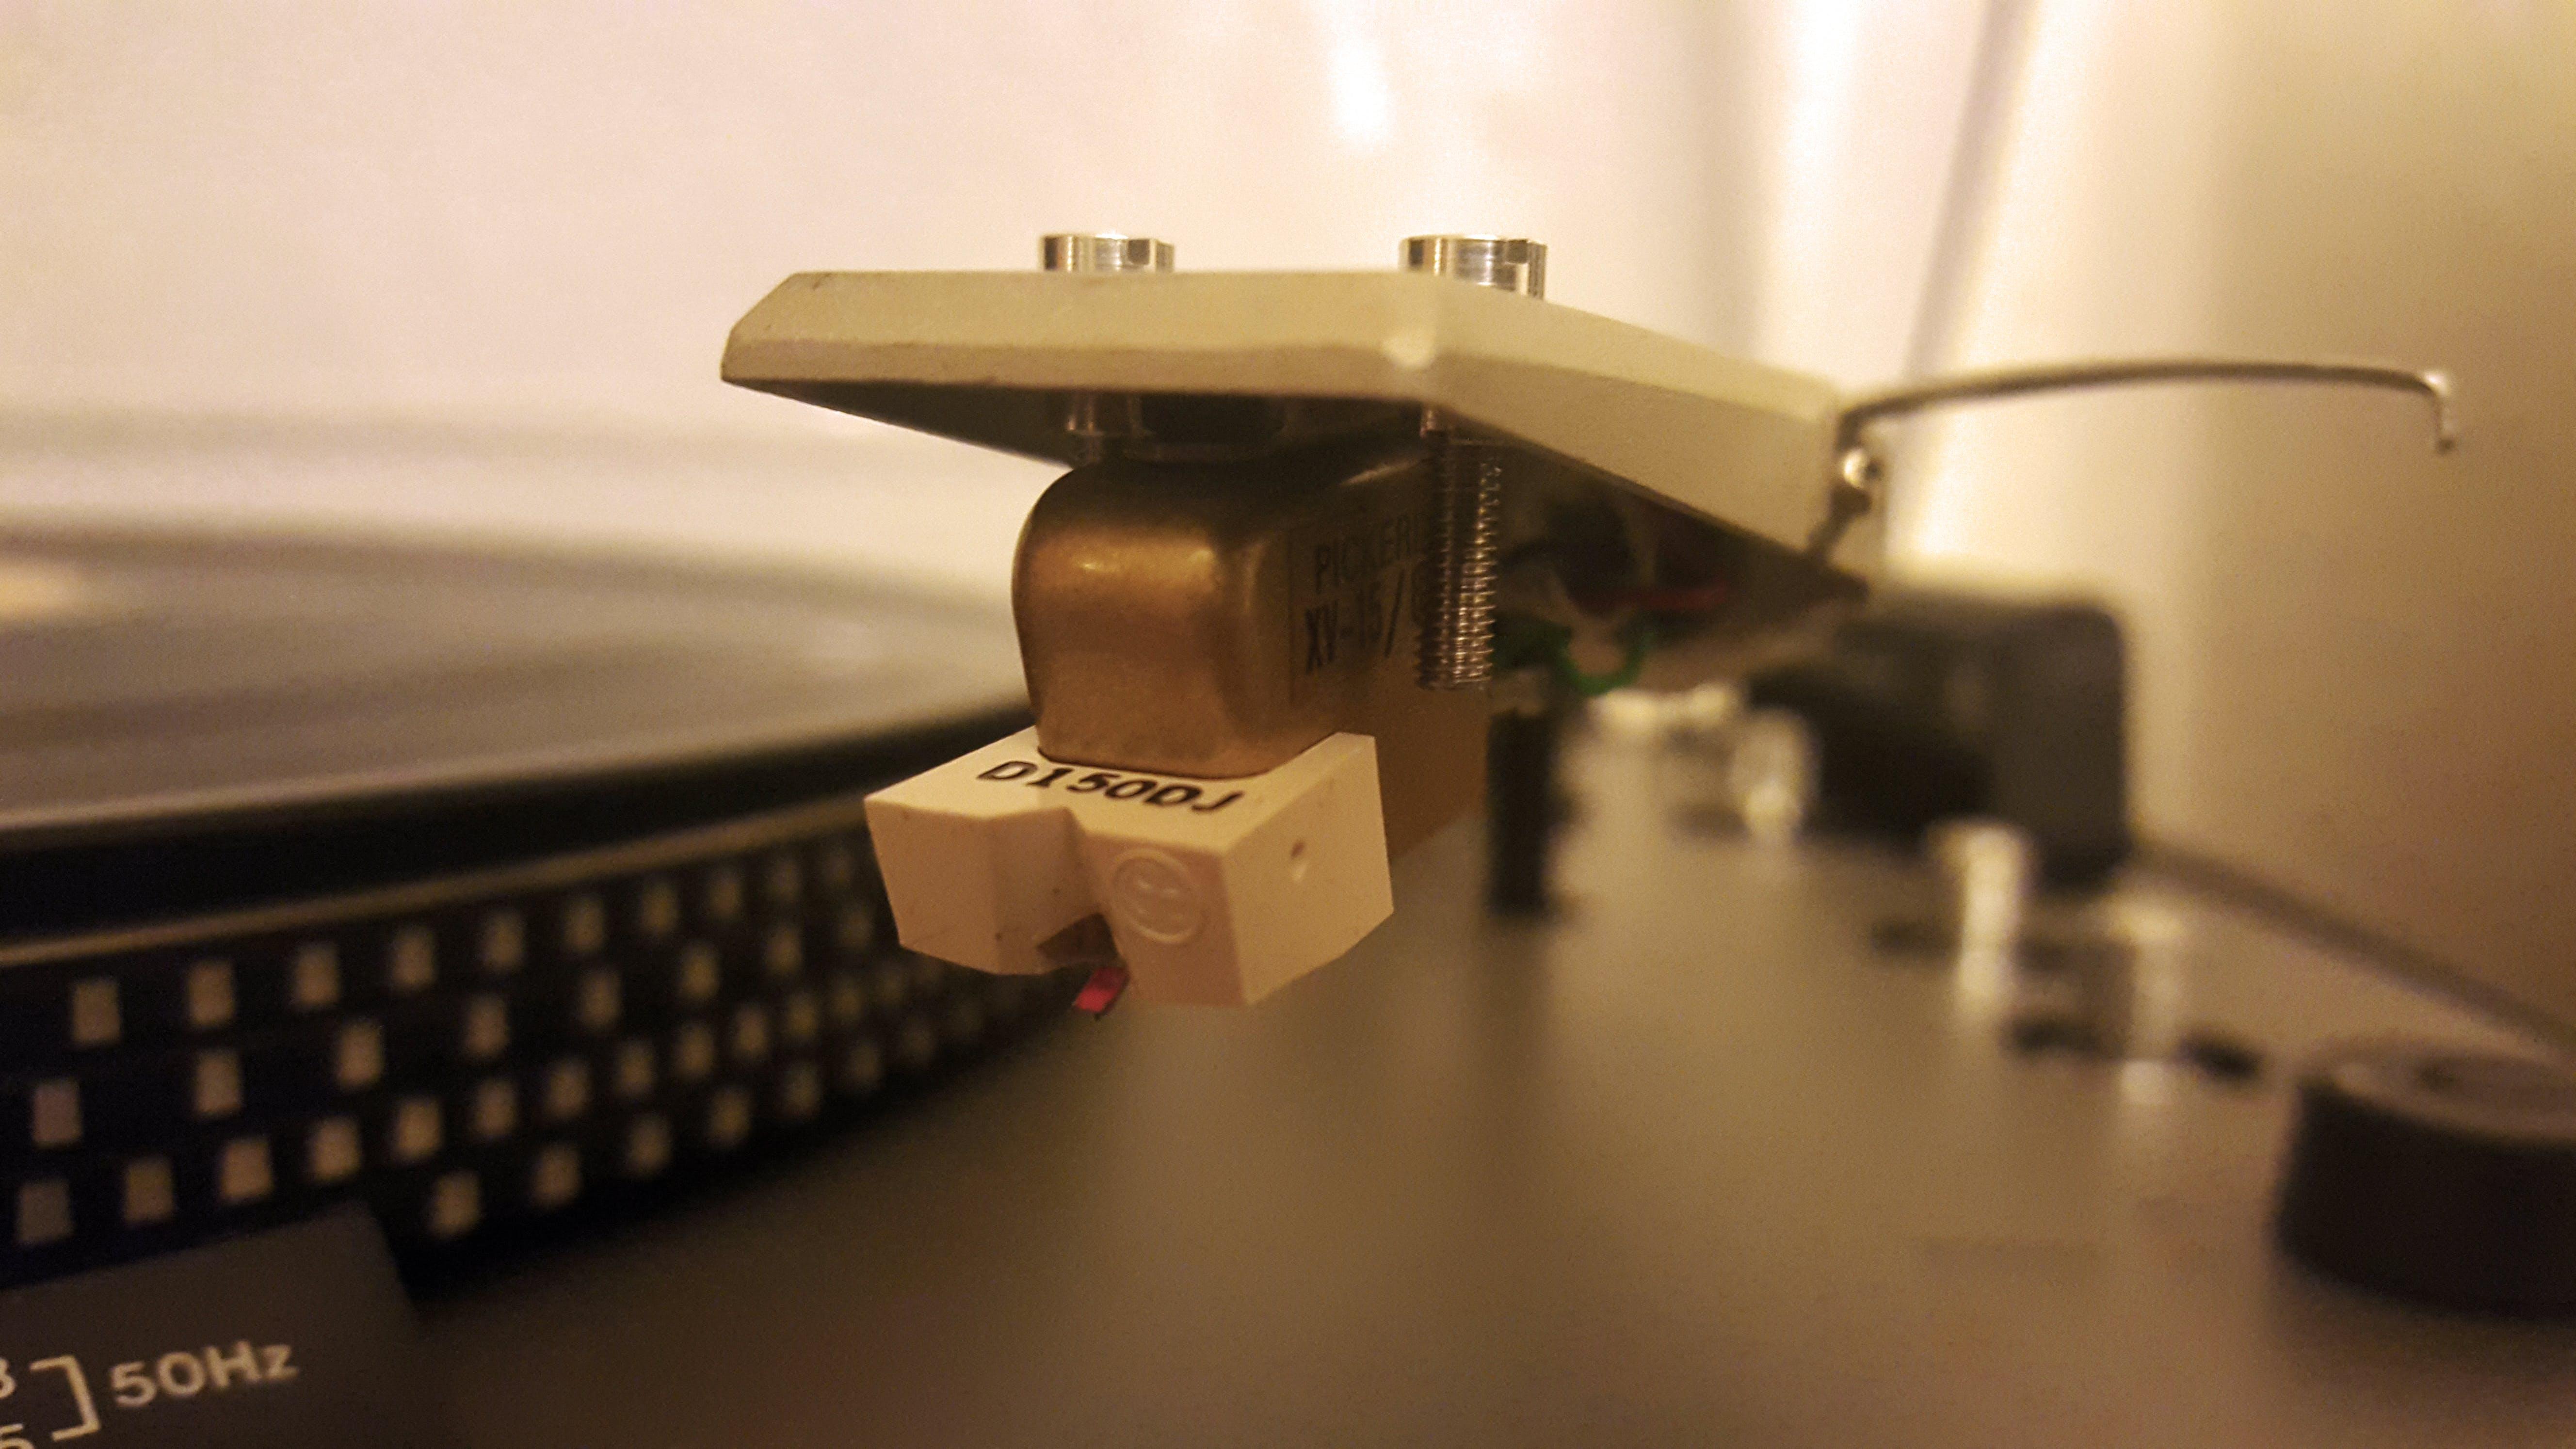 Gratis arkivbilde med musikk, nåler, spiller